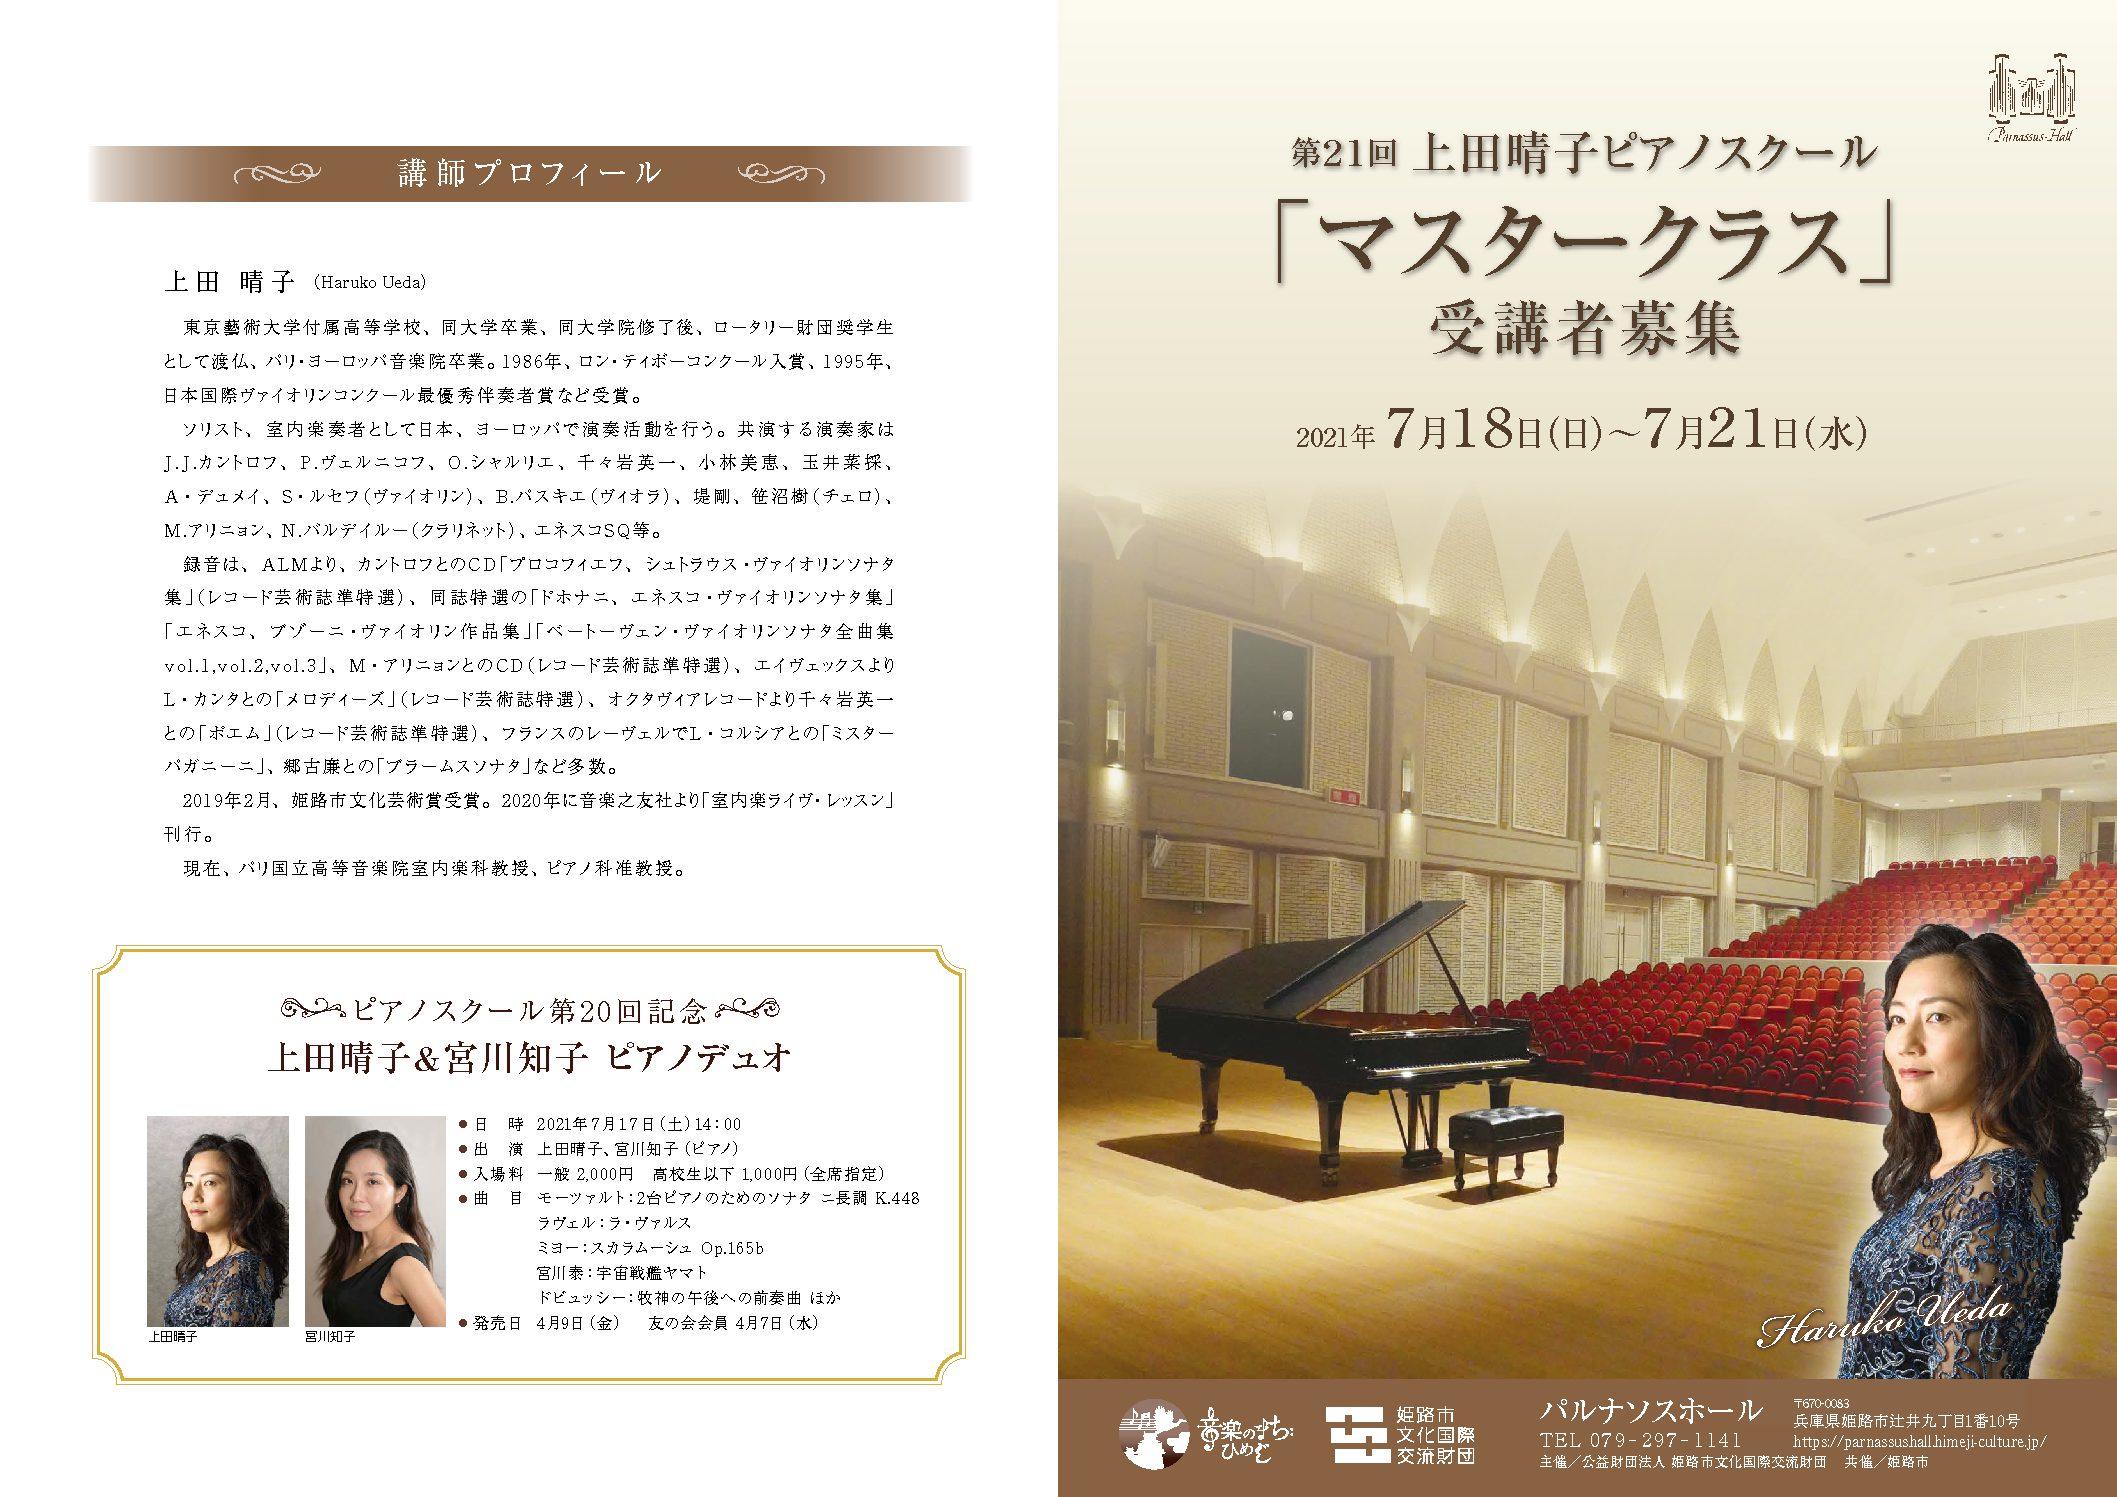 上田晴子ピアノスクール募集要項(表)